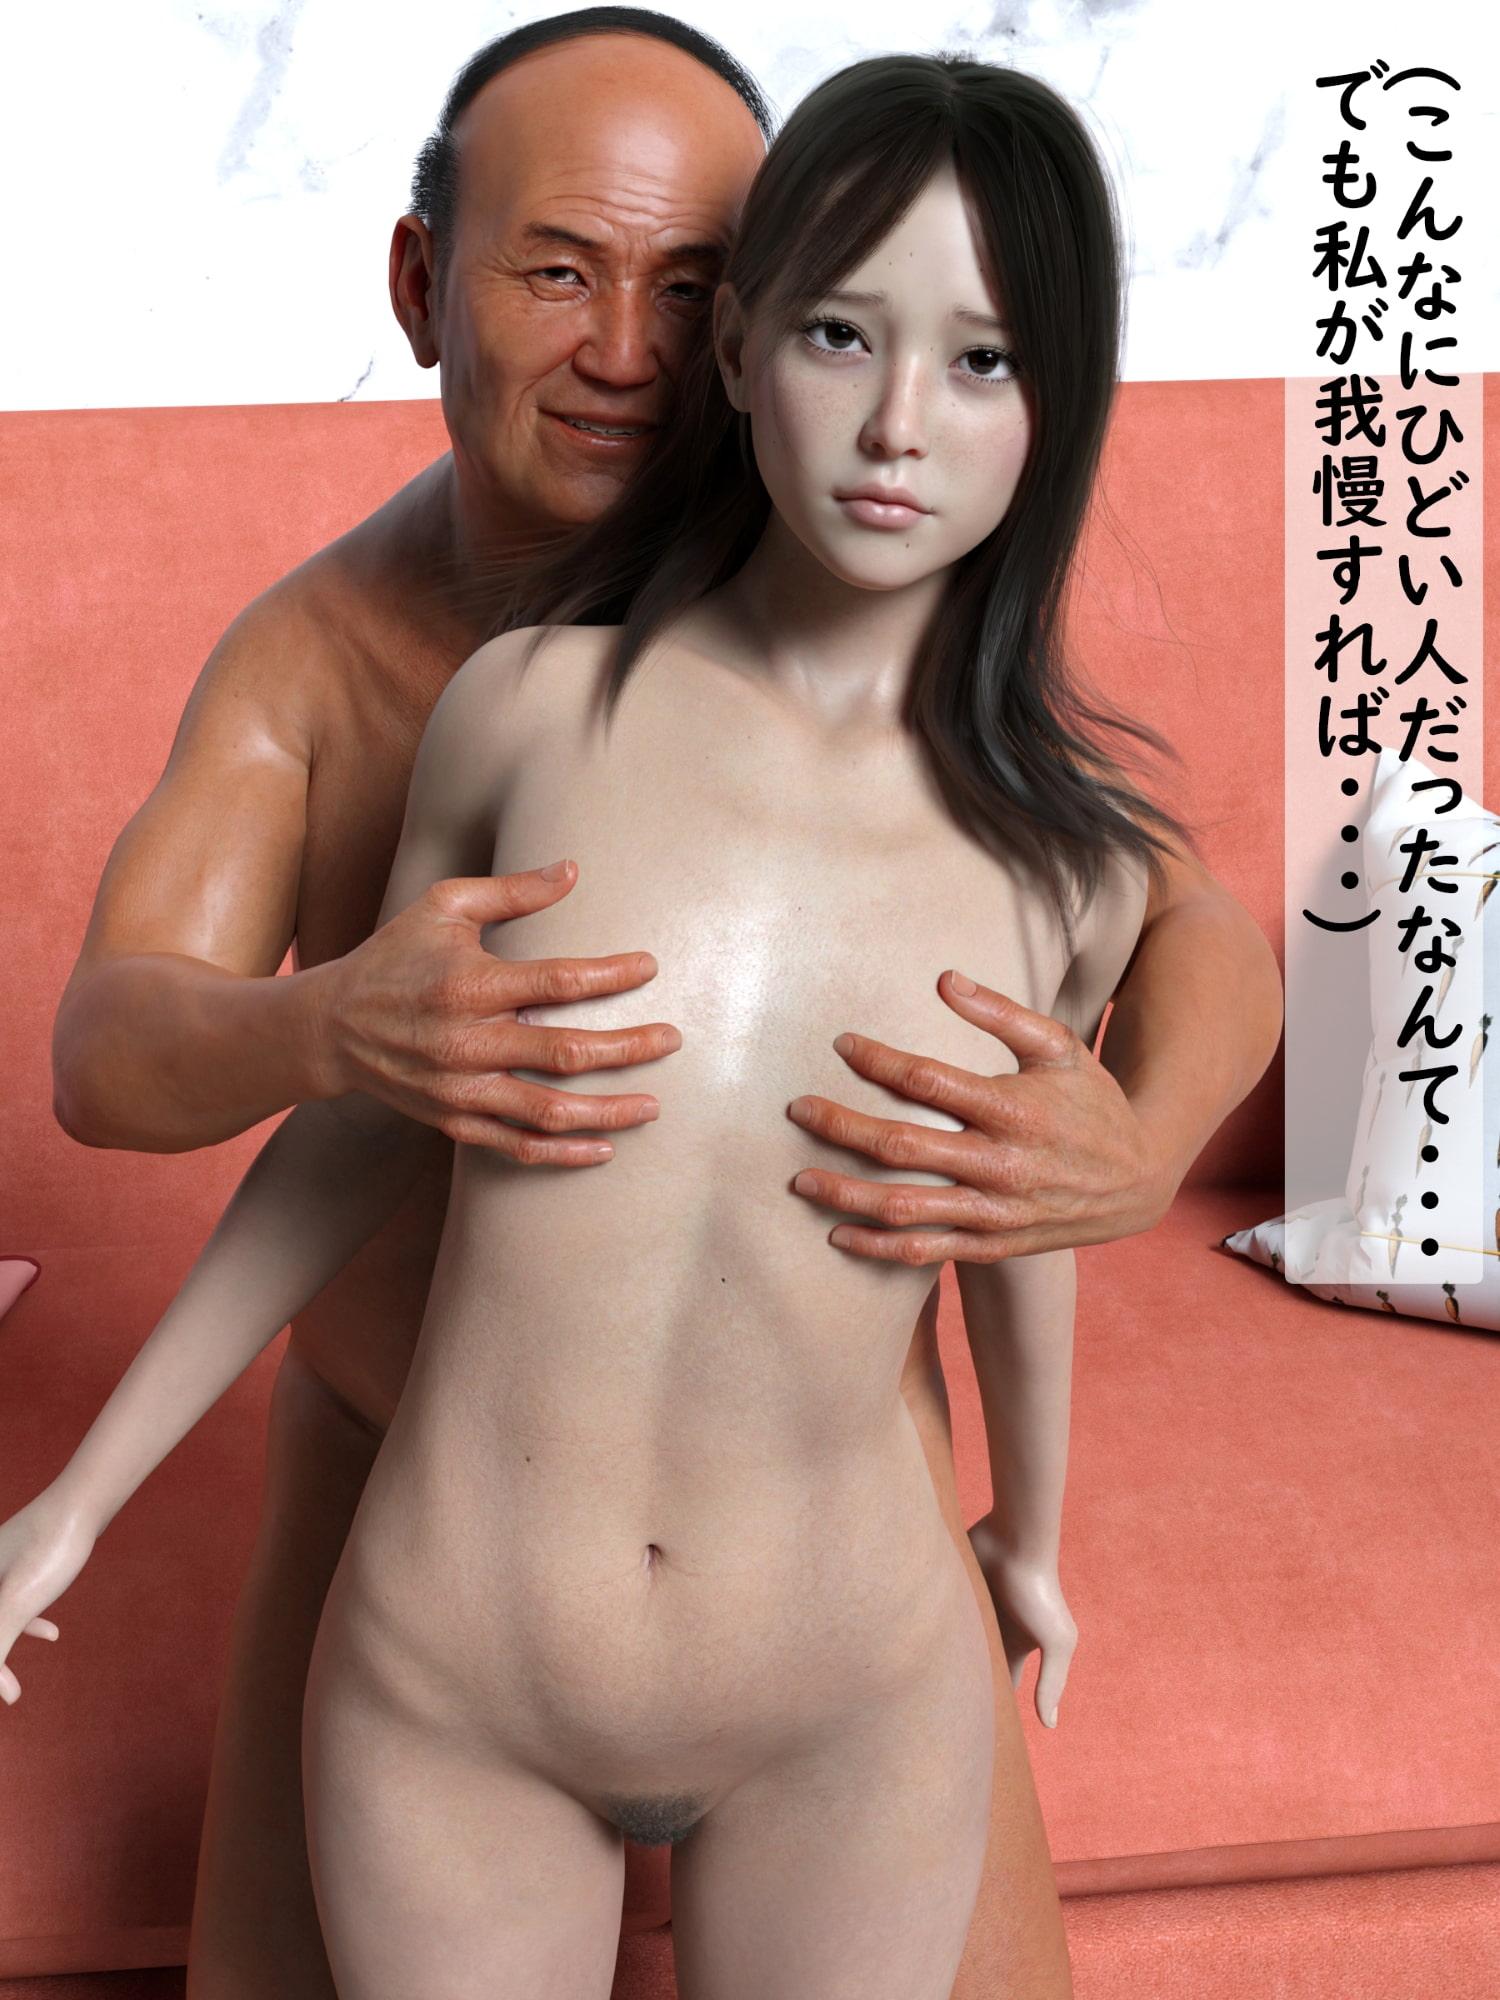 前編 姉ユミ 美人姉妹とゲス義父